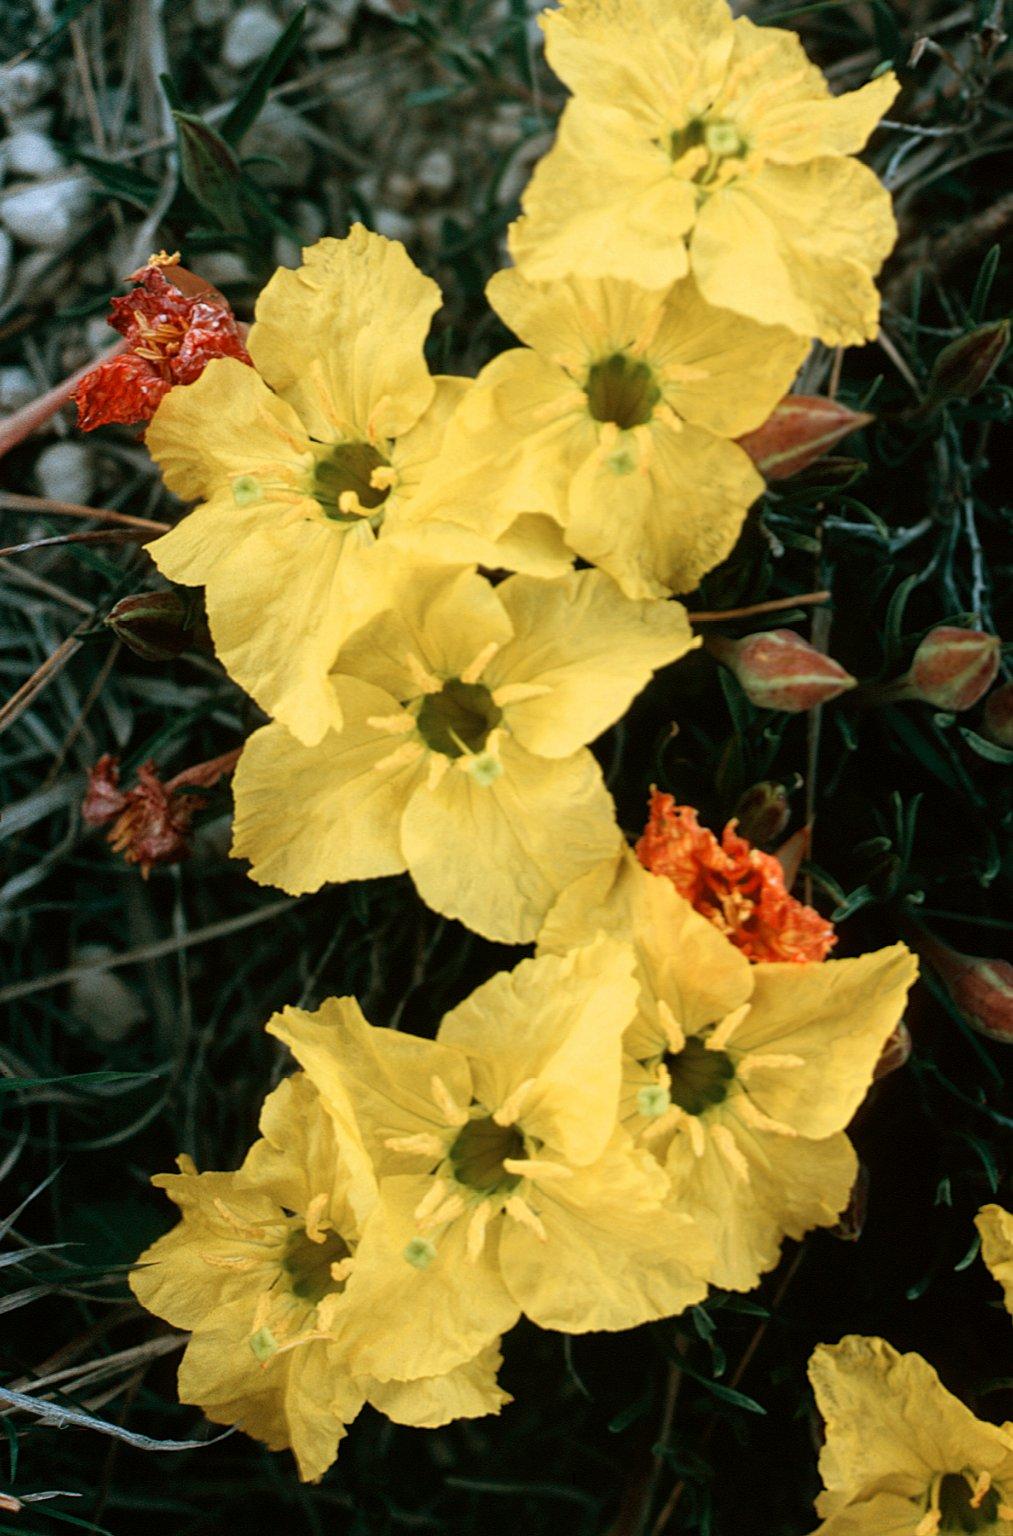 Calylophus lavandulifolius